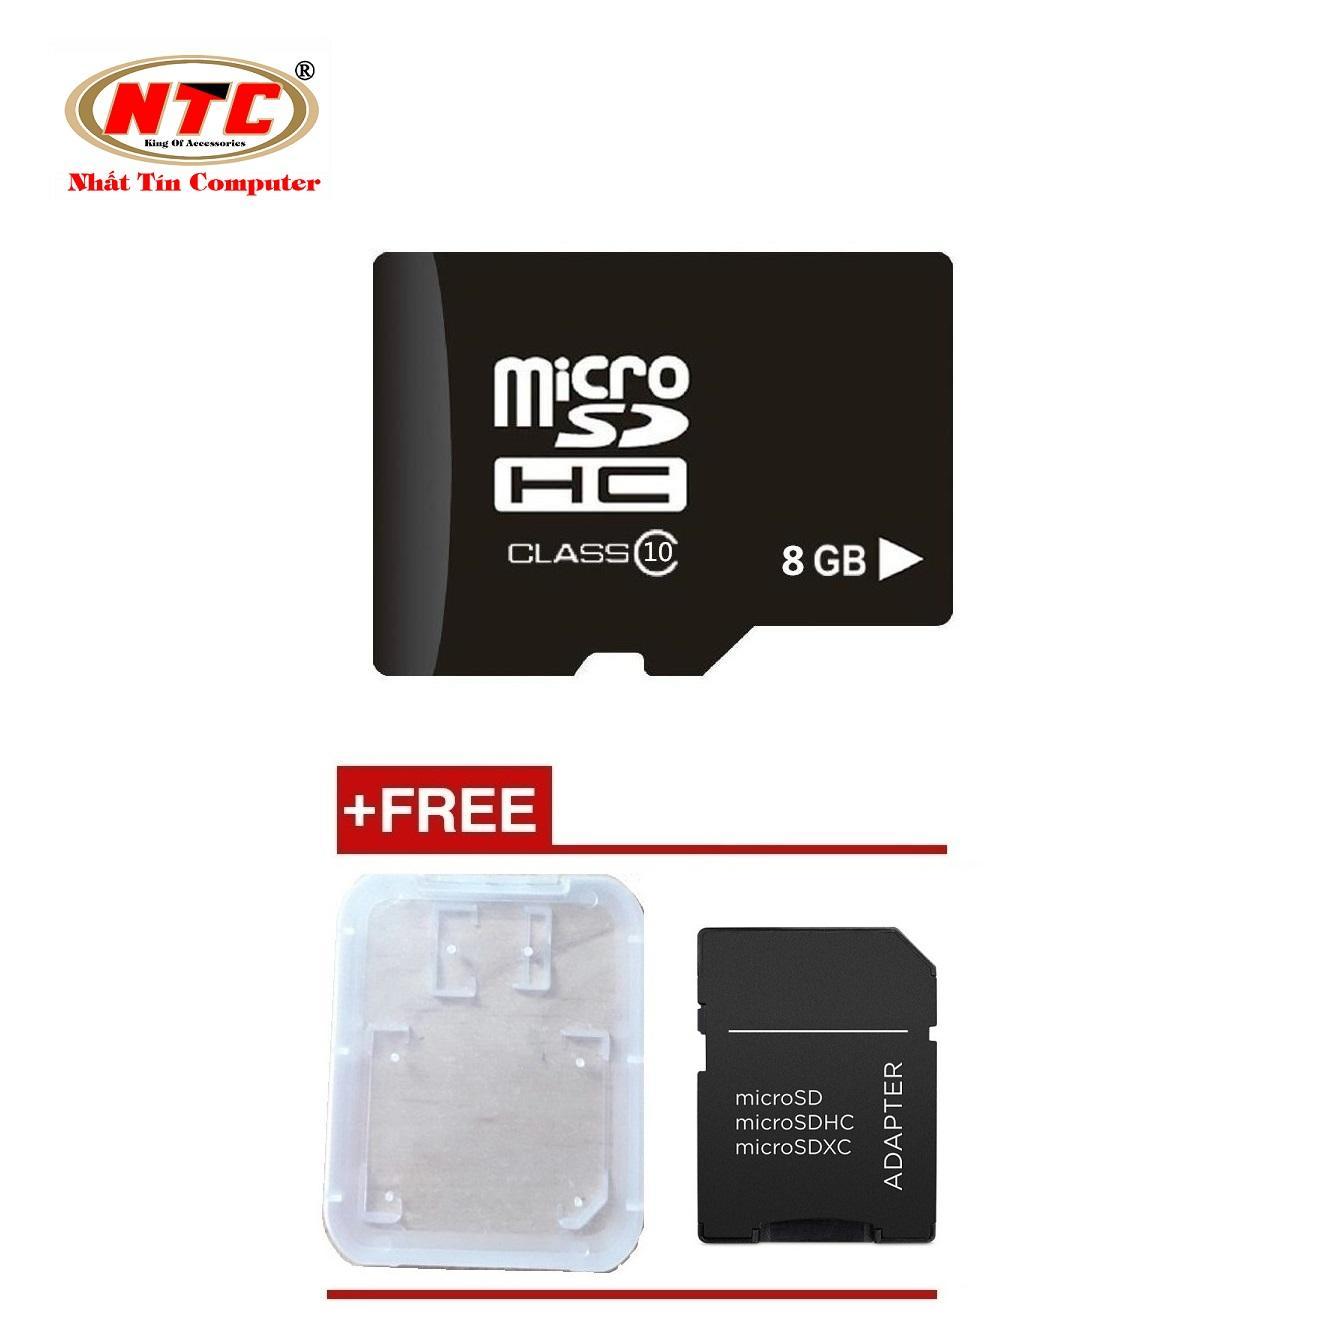 Thẻ nhớ microSDHC NTC 8GB Class 10 (Đen) + Tặng adapter và hộp thẻ